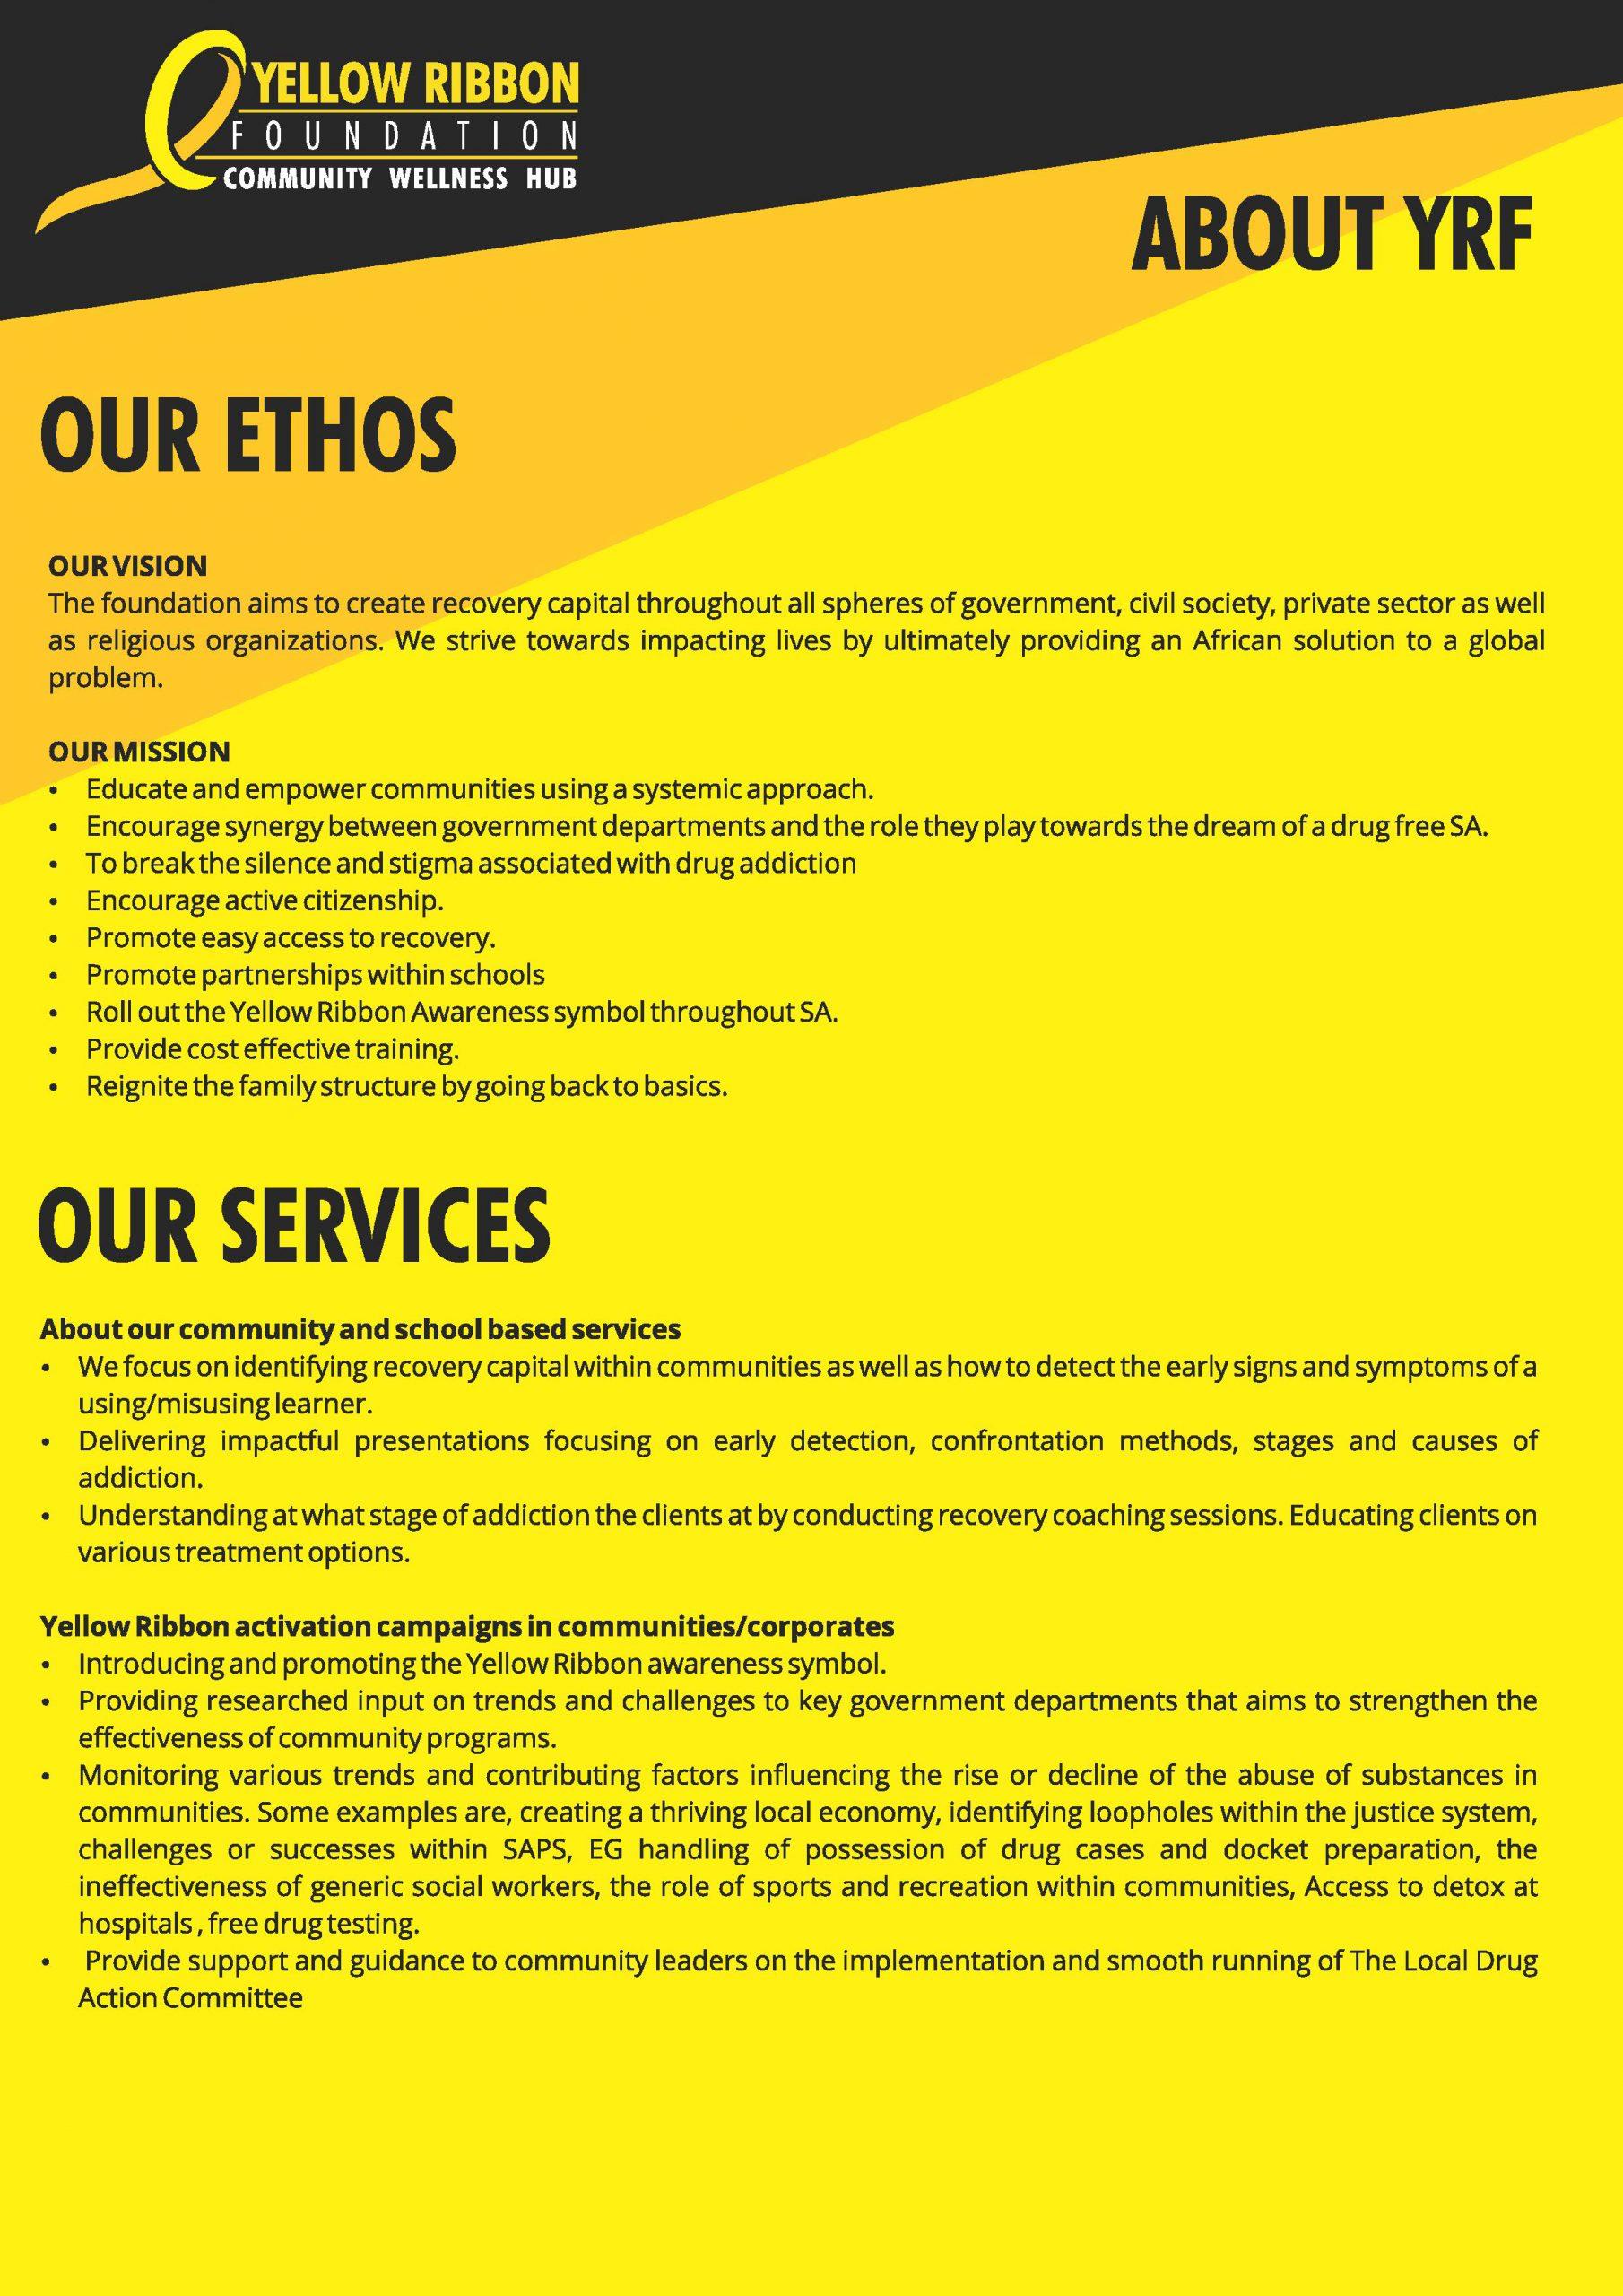 YRF Profile-page-005